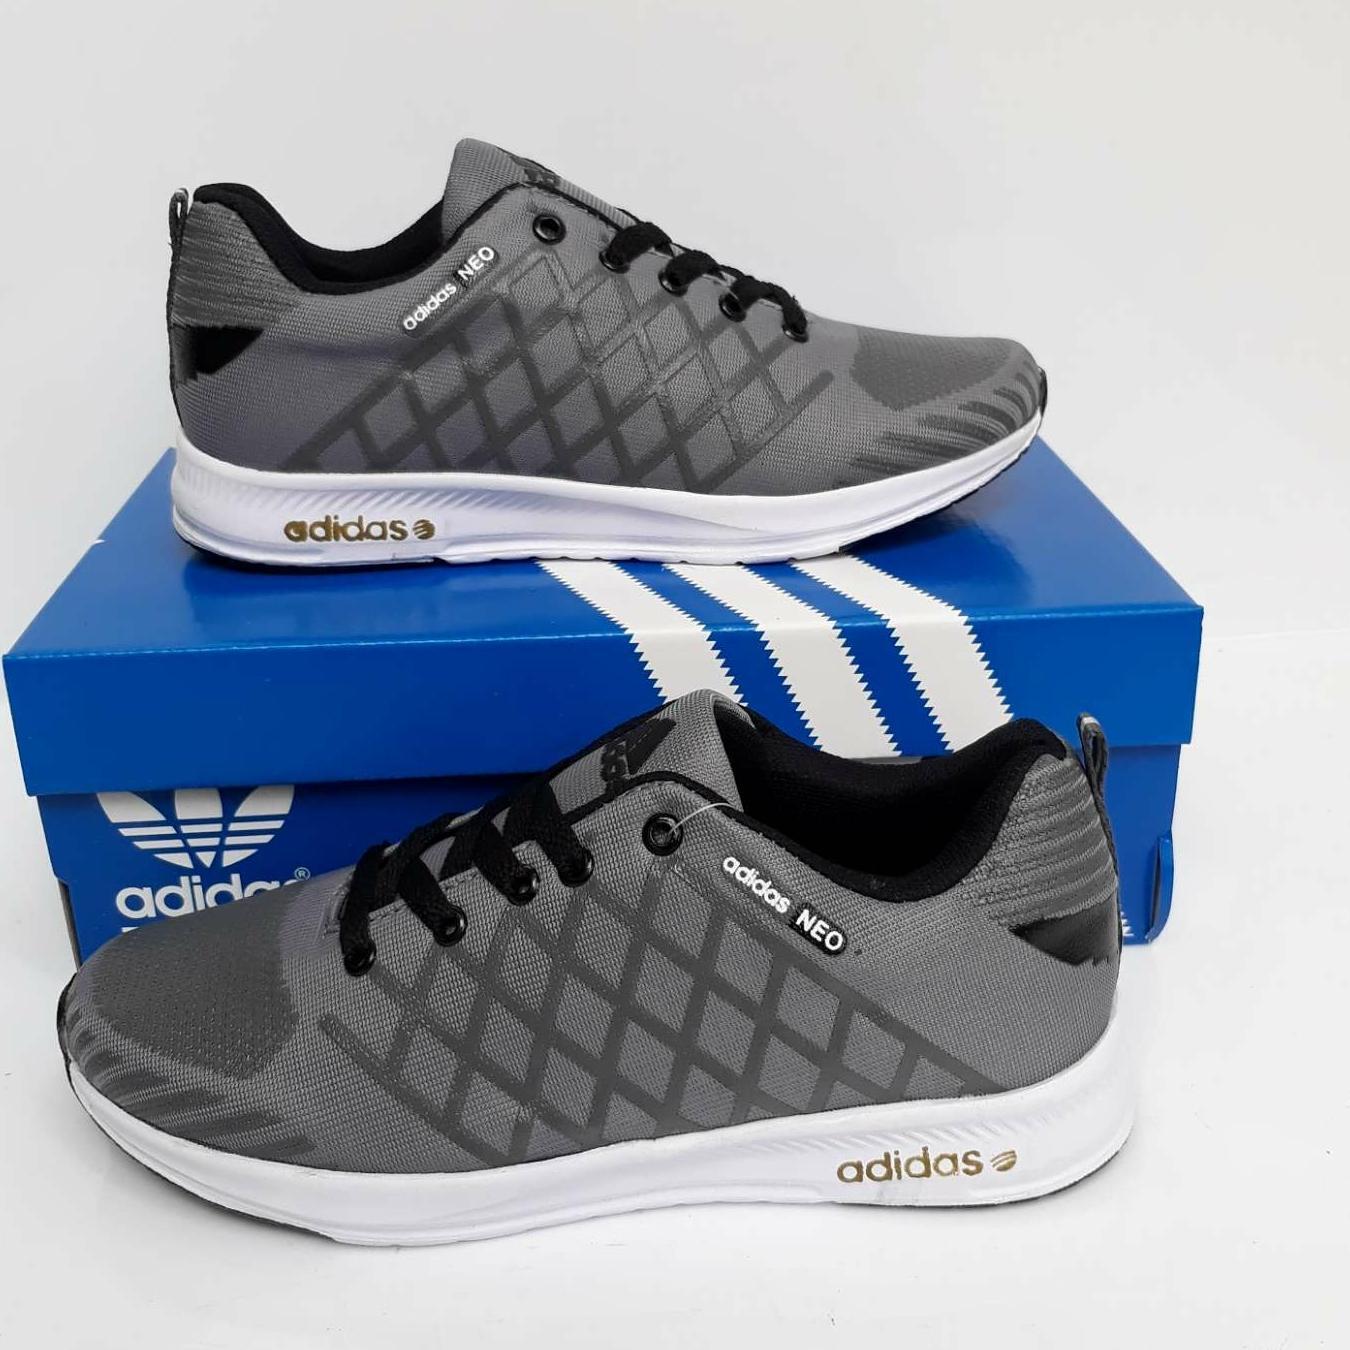 b23c90fa064e8 best price harga sepatu adidas neo running 36c92 c79d4